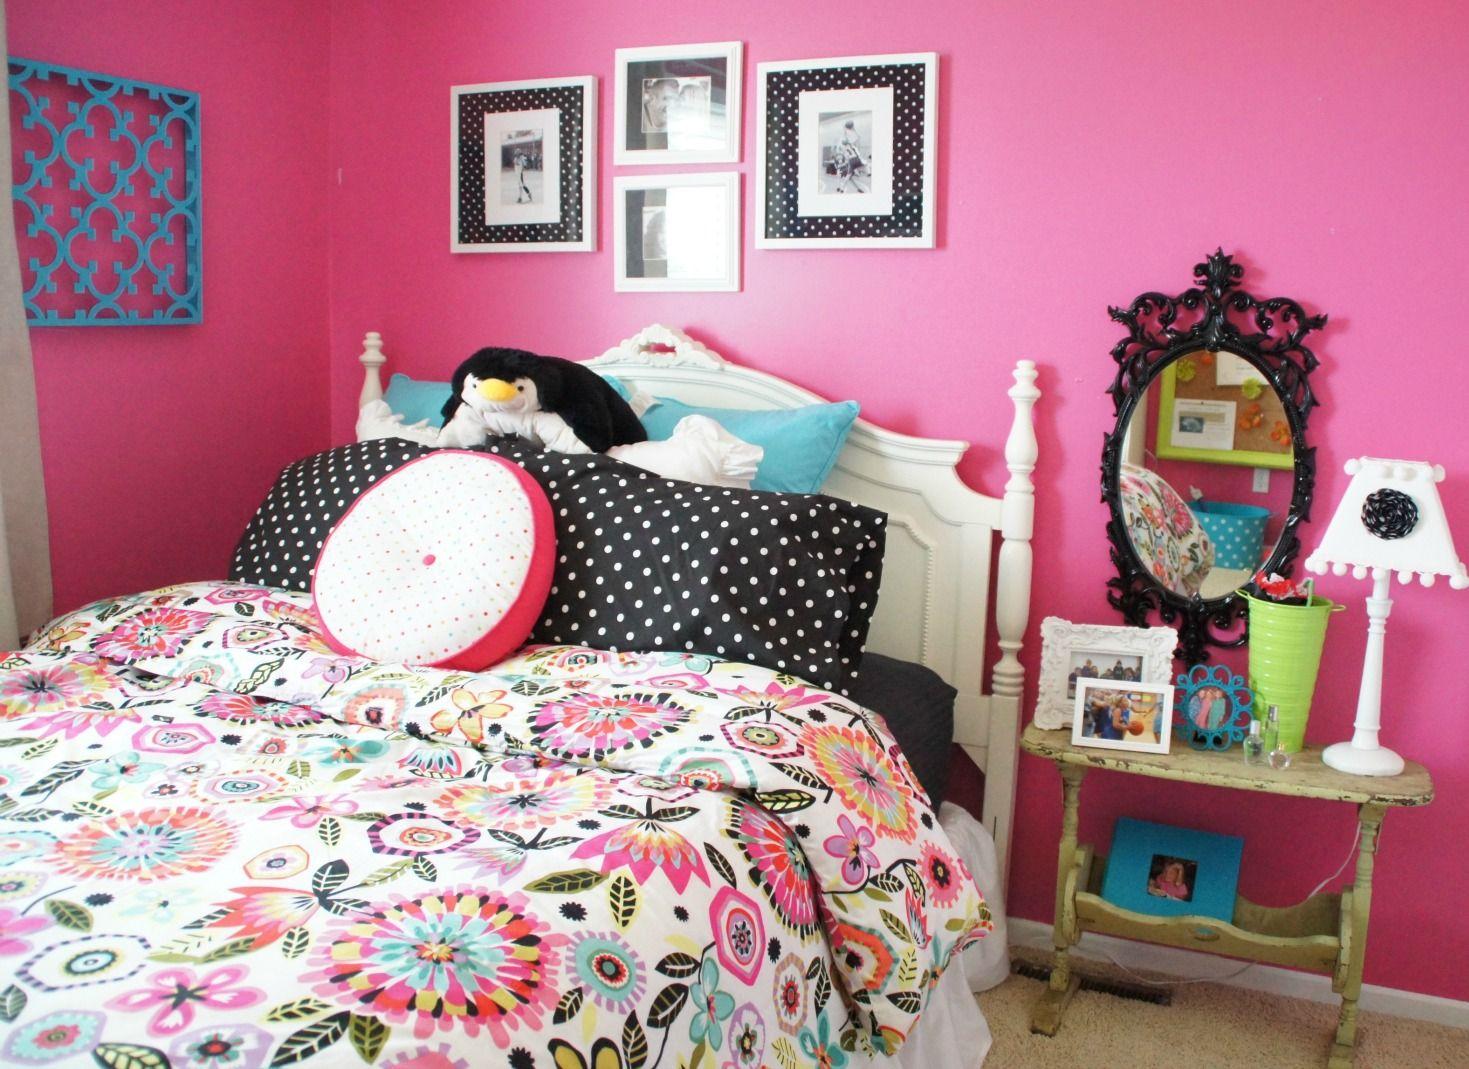 17 best images about Tween girl bedroom ideas on Pinterest   Tween  Bedroom  girls and Bedroom designs. 17 best images about Tween girl bedroom ideas on Pinterest   Tween